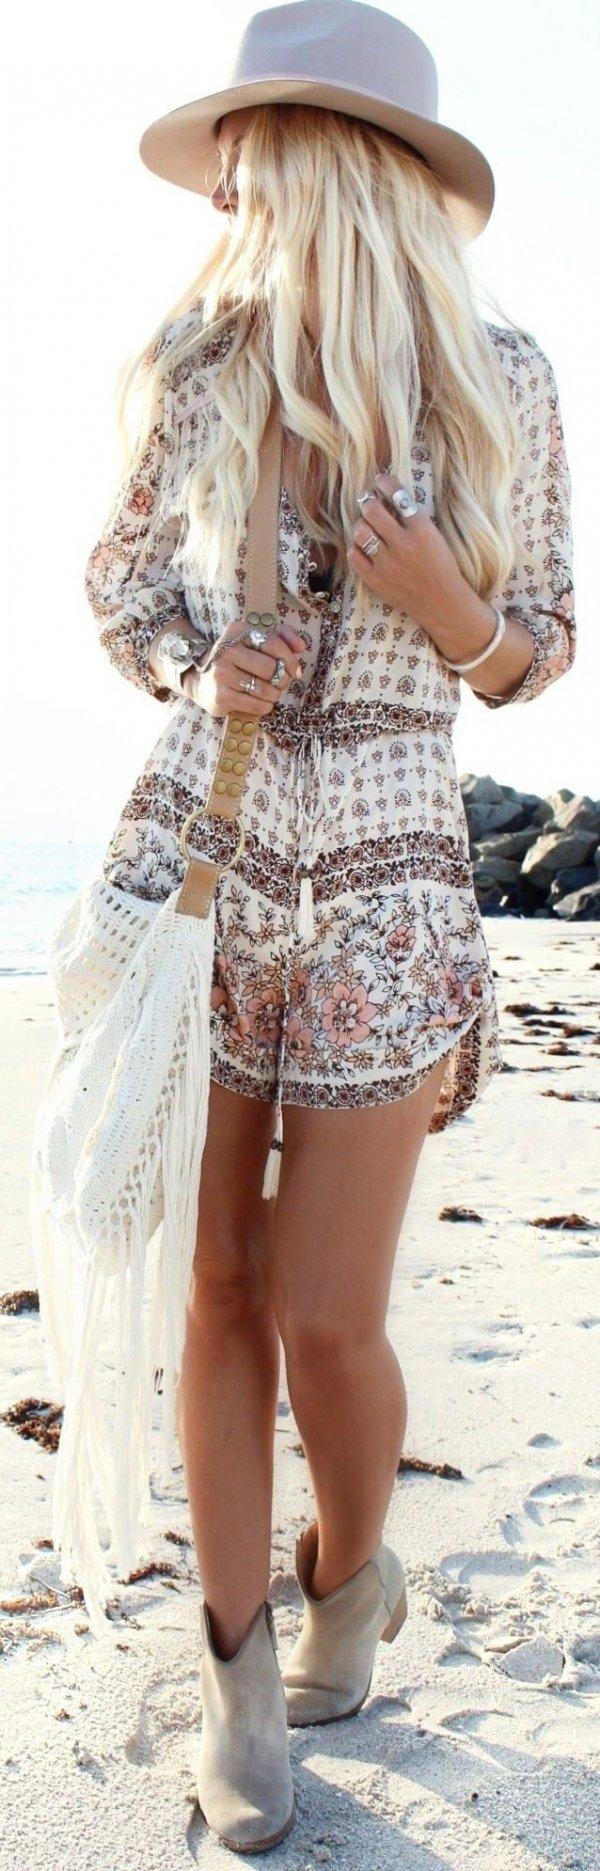 clothing,dress,footwear,fashion,spring,